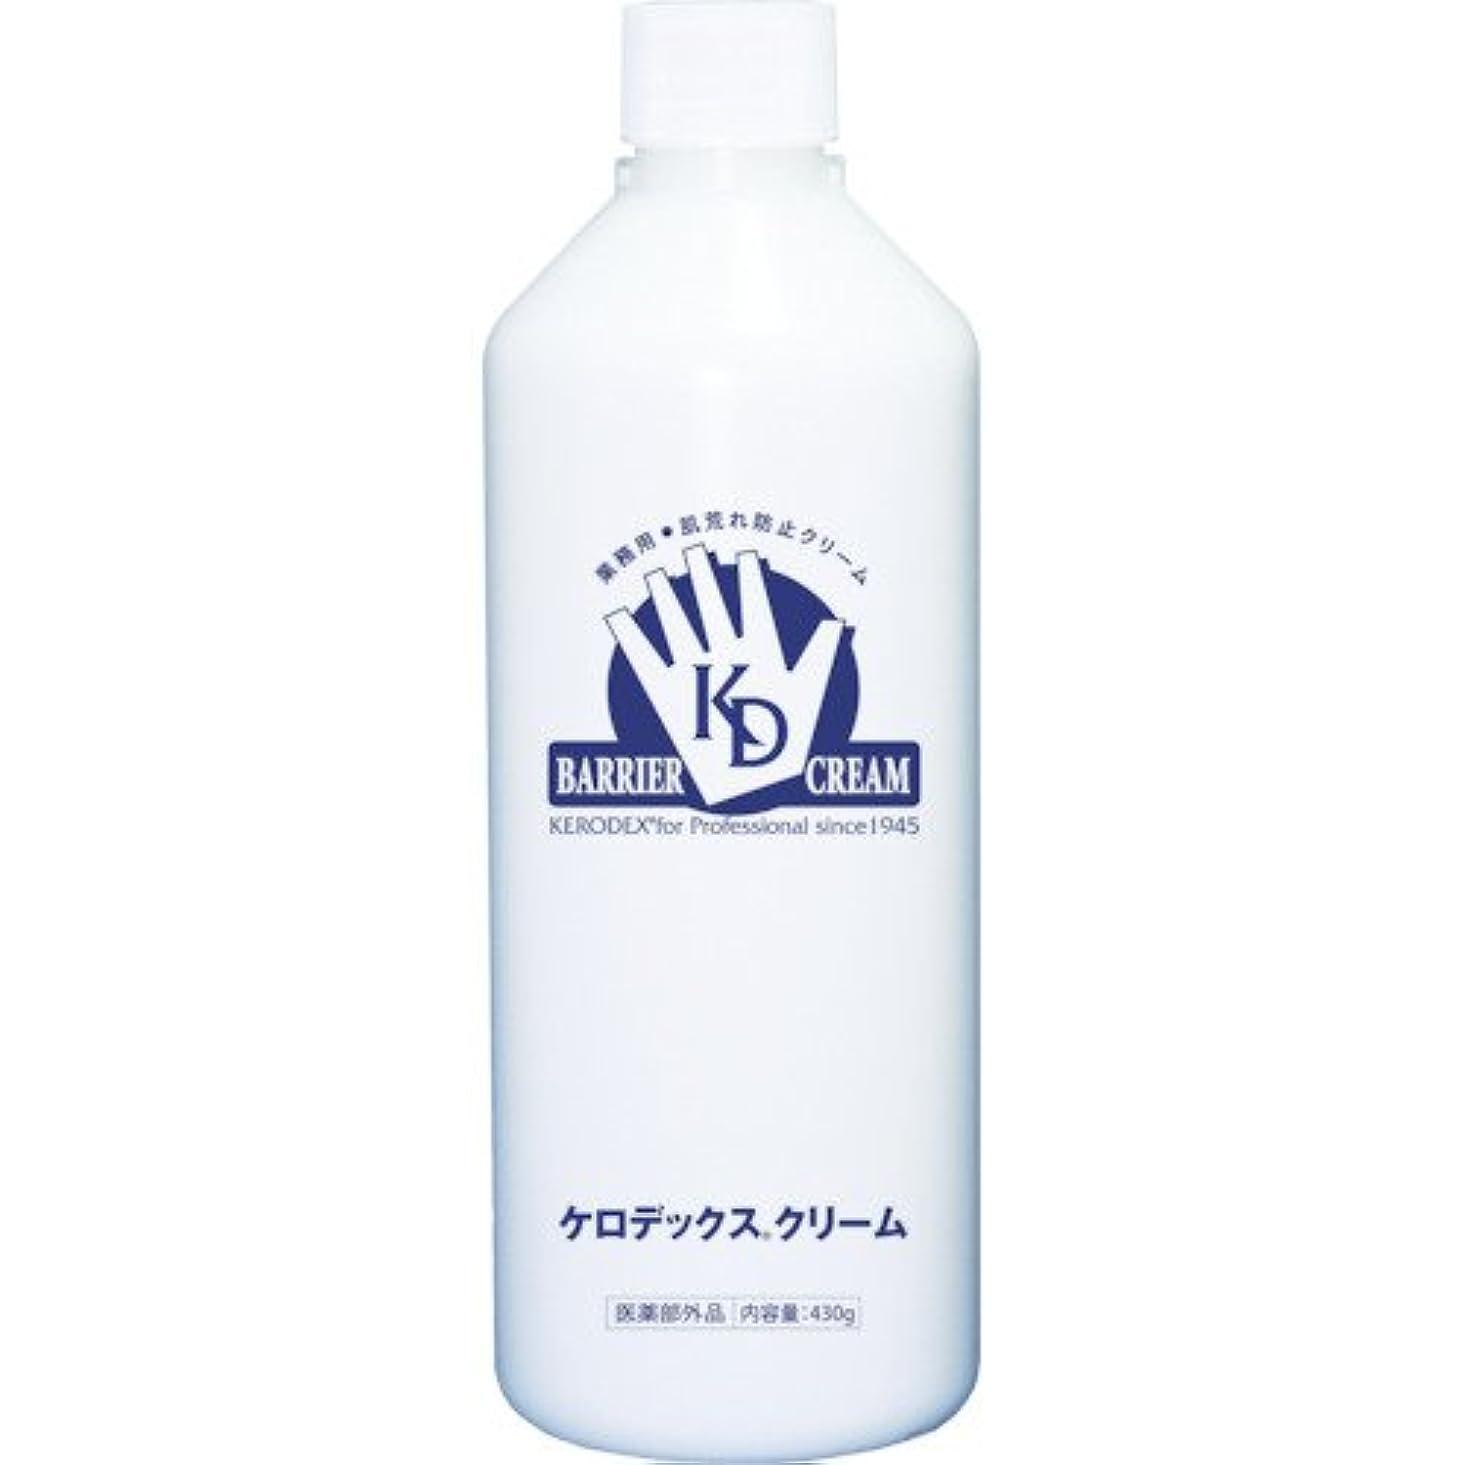 検索エンジンマーケティング小さな腐敗ケロデックスクリーム ボトルタイプ 詰替用 430g